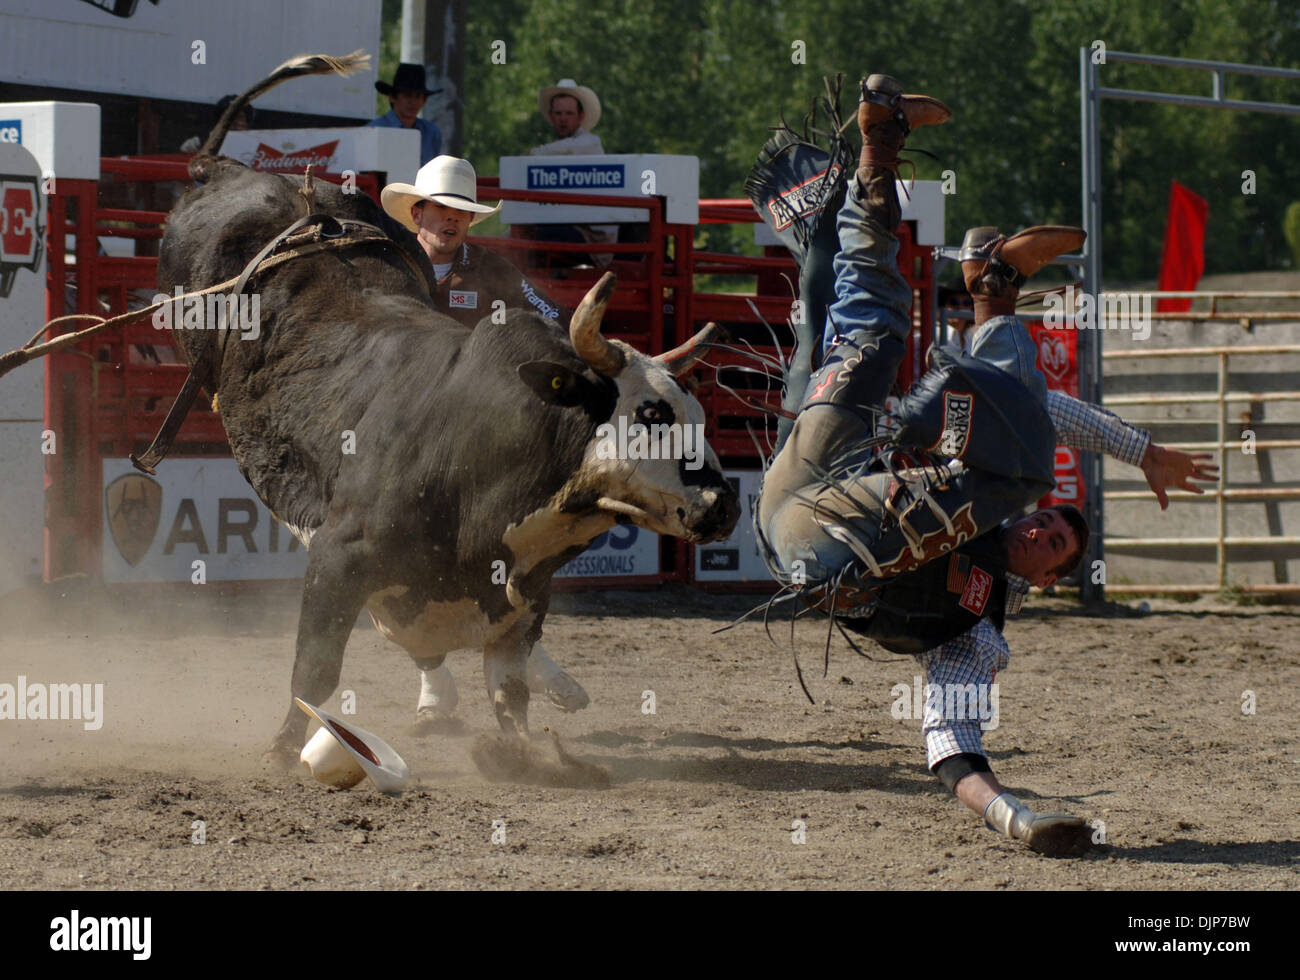 18 maggio 2008 - Cloverdale, British Columbia, Canada - Cowboy compete in Bull categoria di equitazione a Cloverdale annuale rodeo professionale evento. Il rodeo è stato organizzato per la prima volta nel 1945 e si è dimostrato così popolare che è stato preso in consegna dalla inferiore Fraser Valley associazione agricola nel 1947. Nel 1962, la fiera è stato preso in consegna dal Fraser Valley Exhibition Society, e nel 1994, la fiera e rode Foto Stock